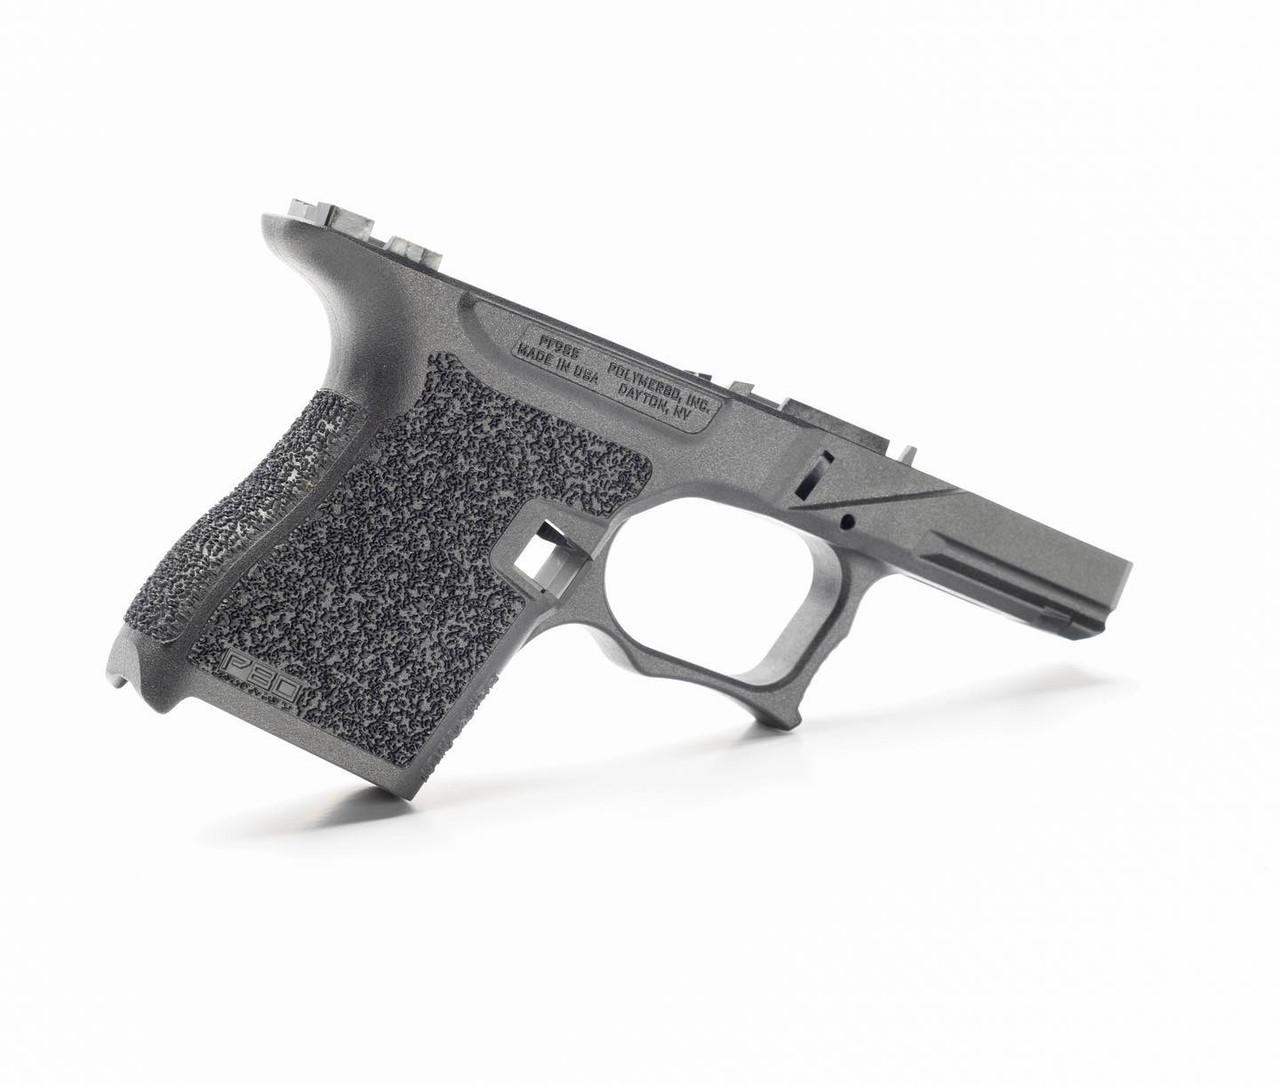 Polymer80 PFSS9 80% Textured Single Stack 9mm Pistol Frame Kit for Glock G43 bLACK FRAME